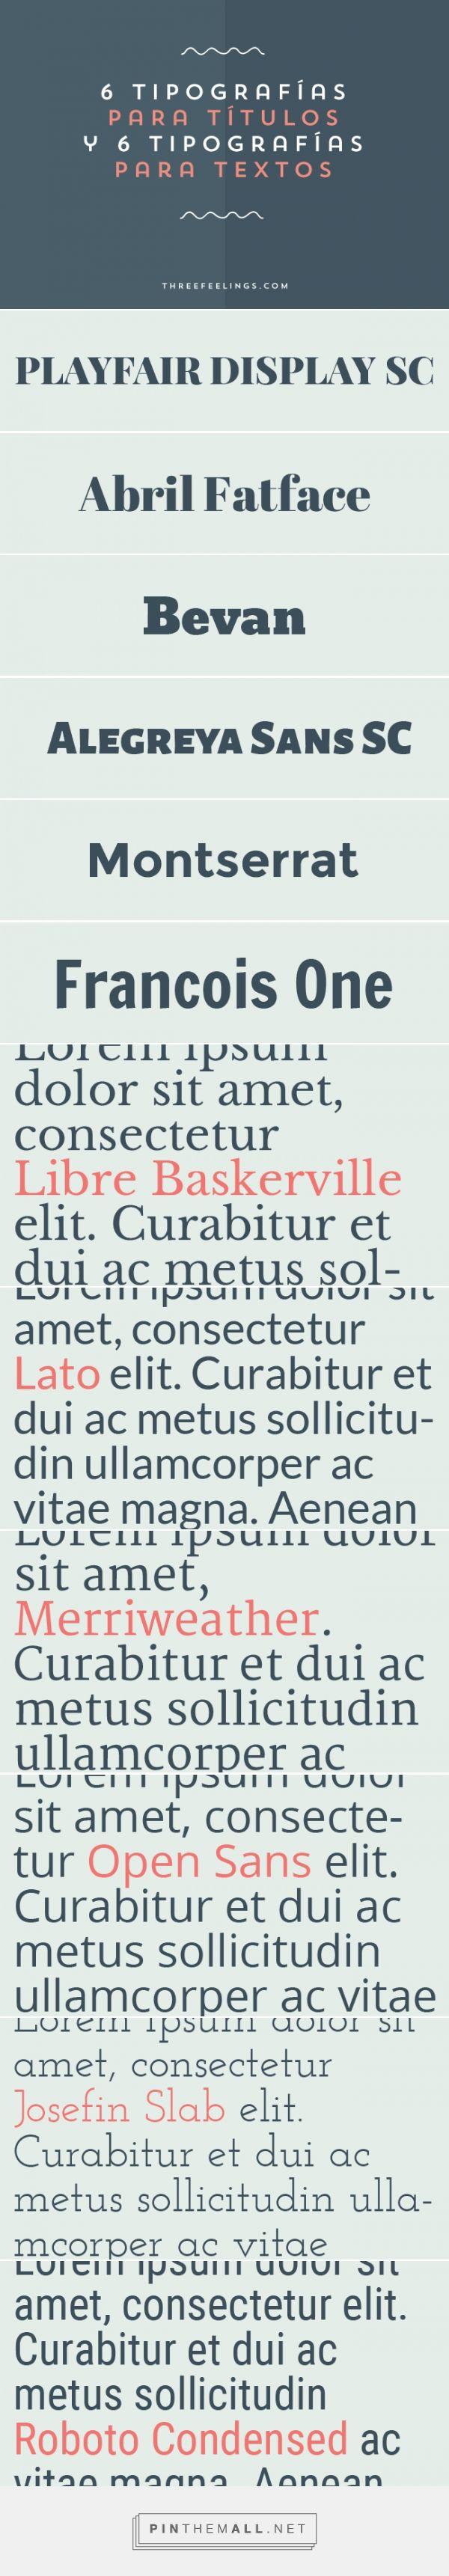 Mejores 39 imágenes de Tipografías   Fonts en Pinterest   Letras ...